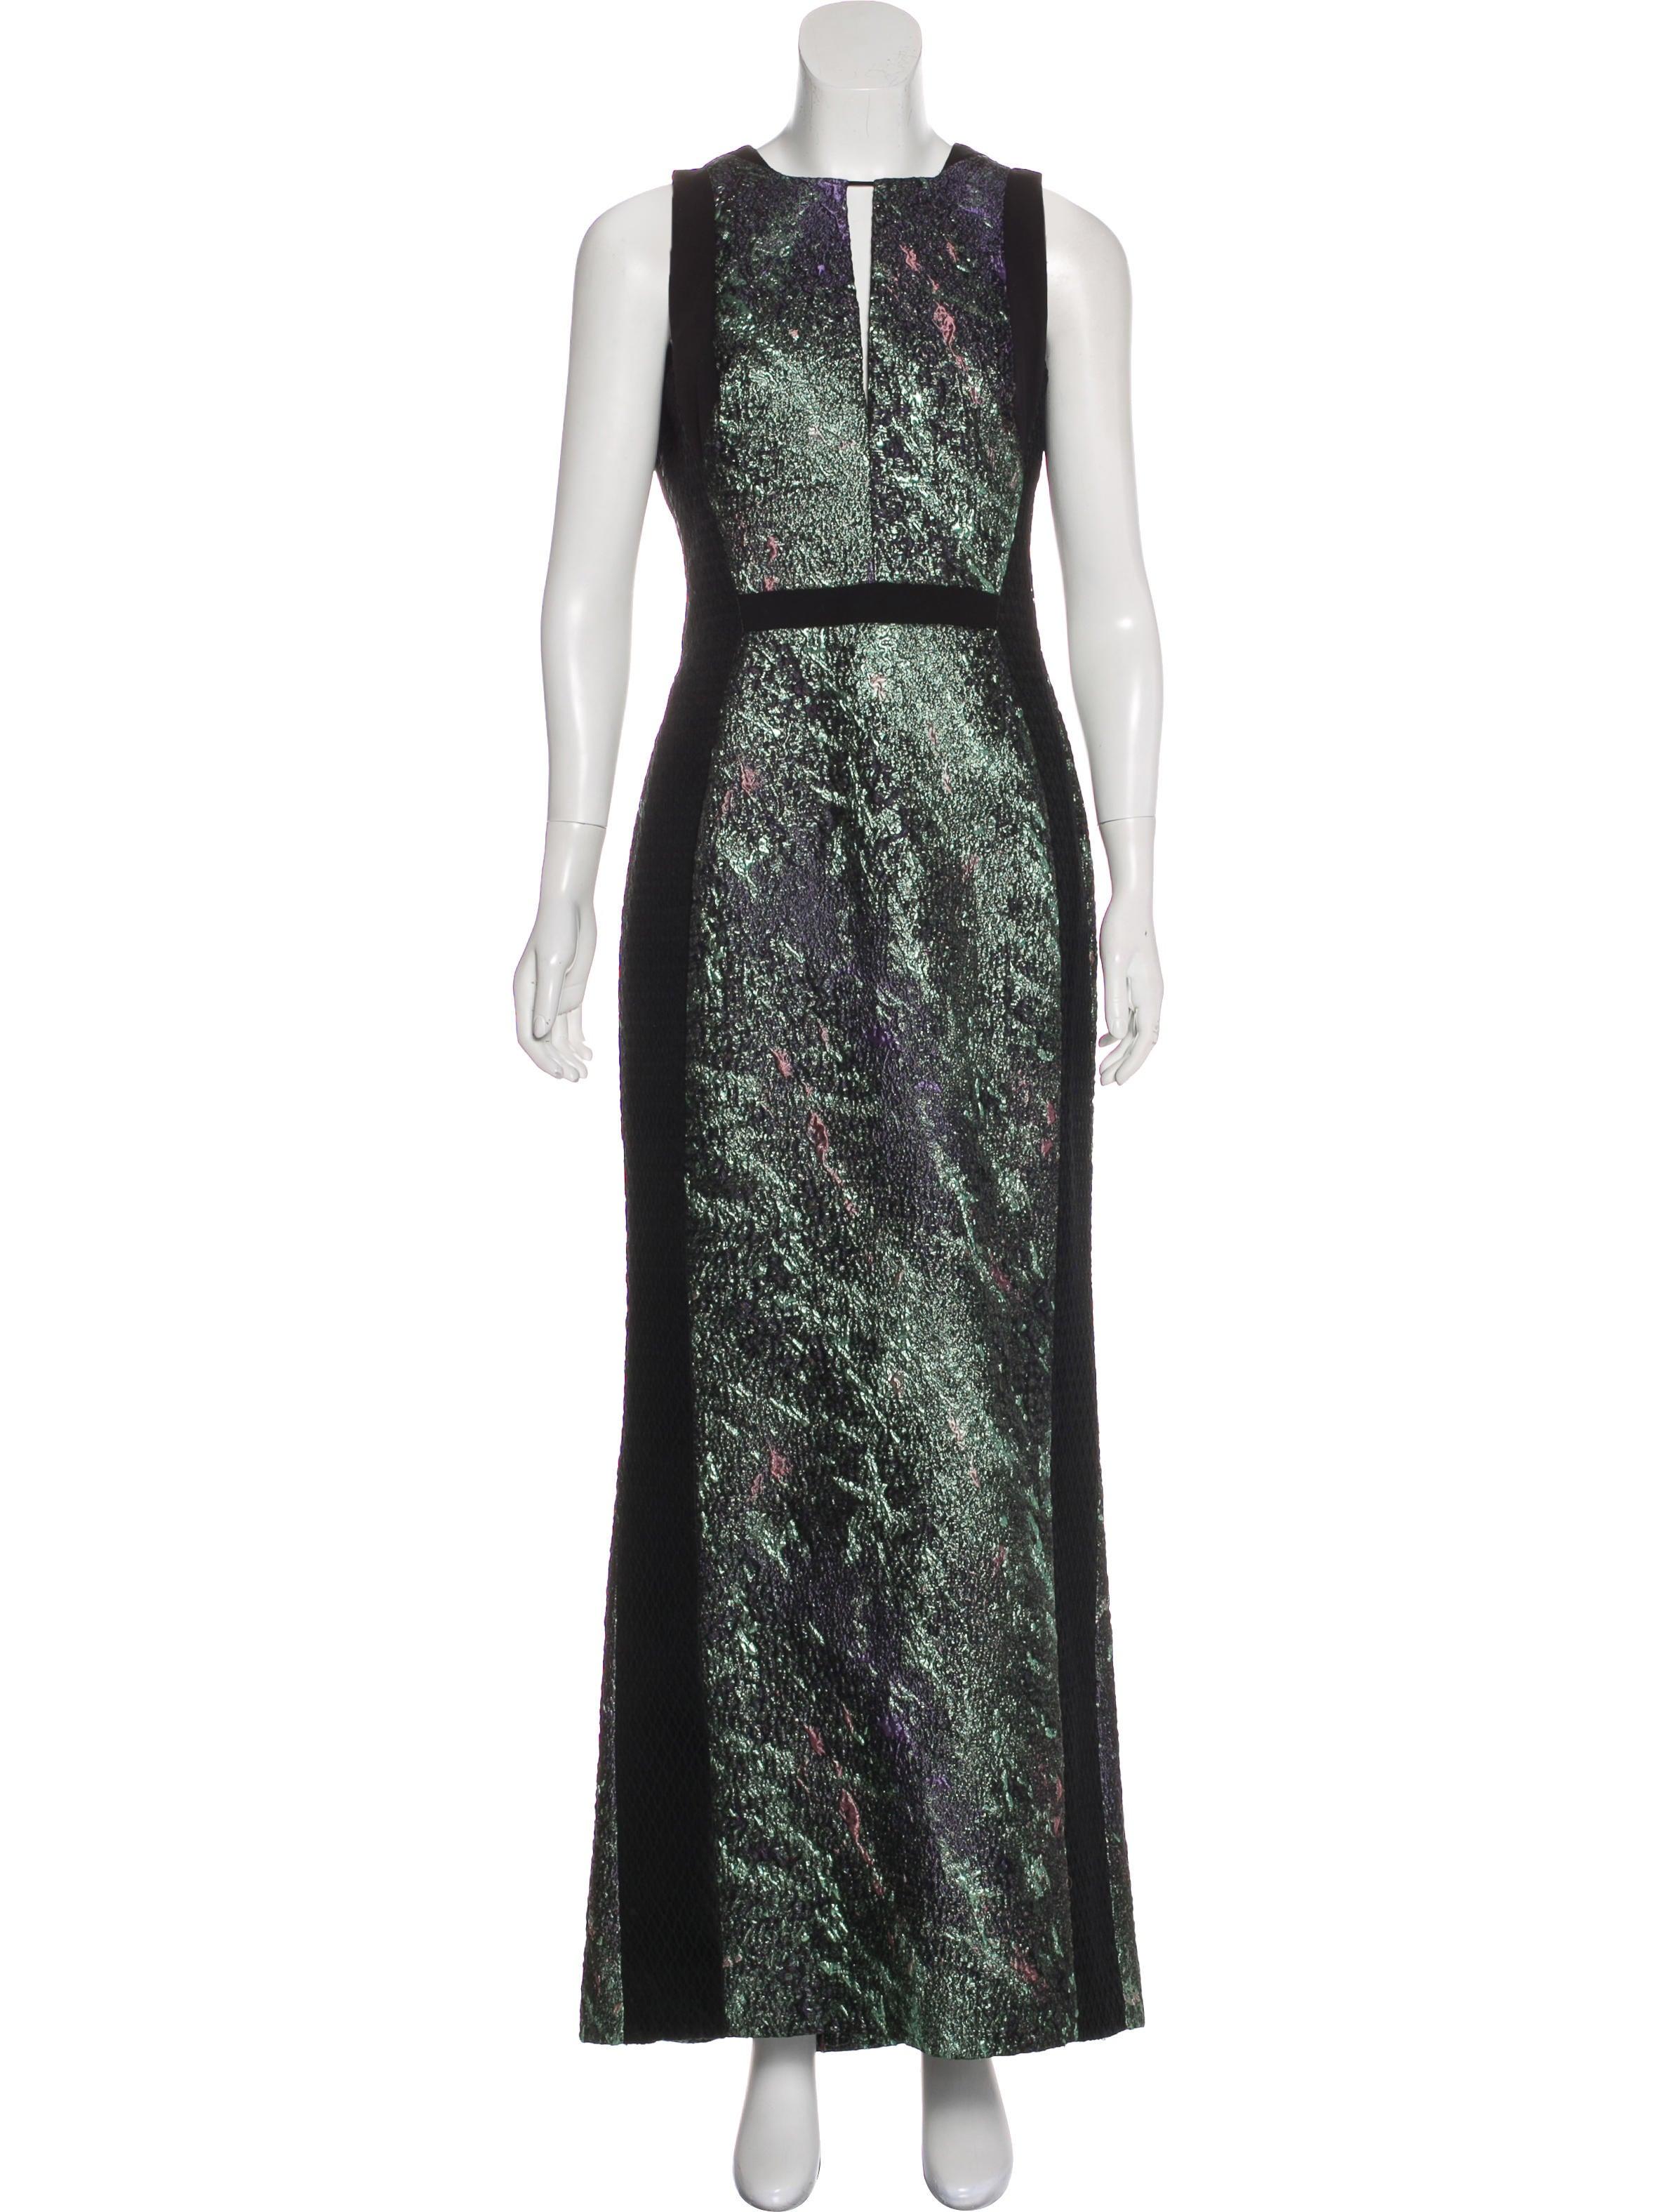 J. Mendel Jacquard Evening Dress - Clothing - JME25416 | The RealReal